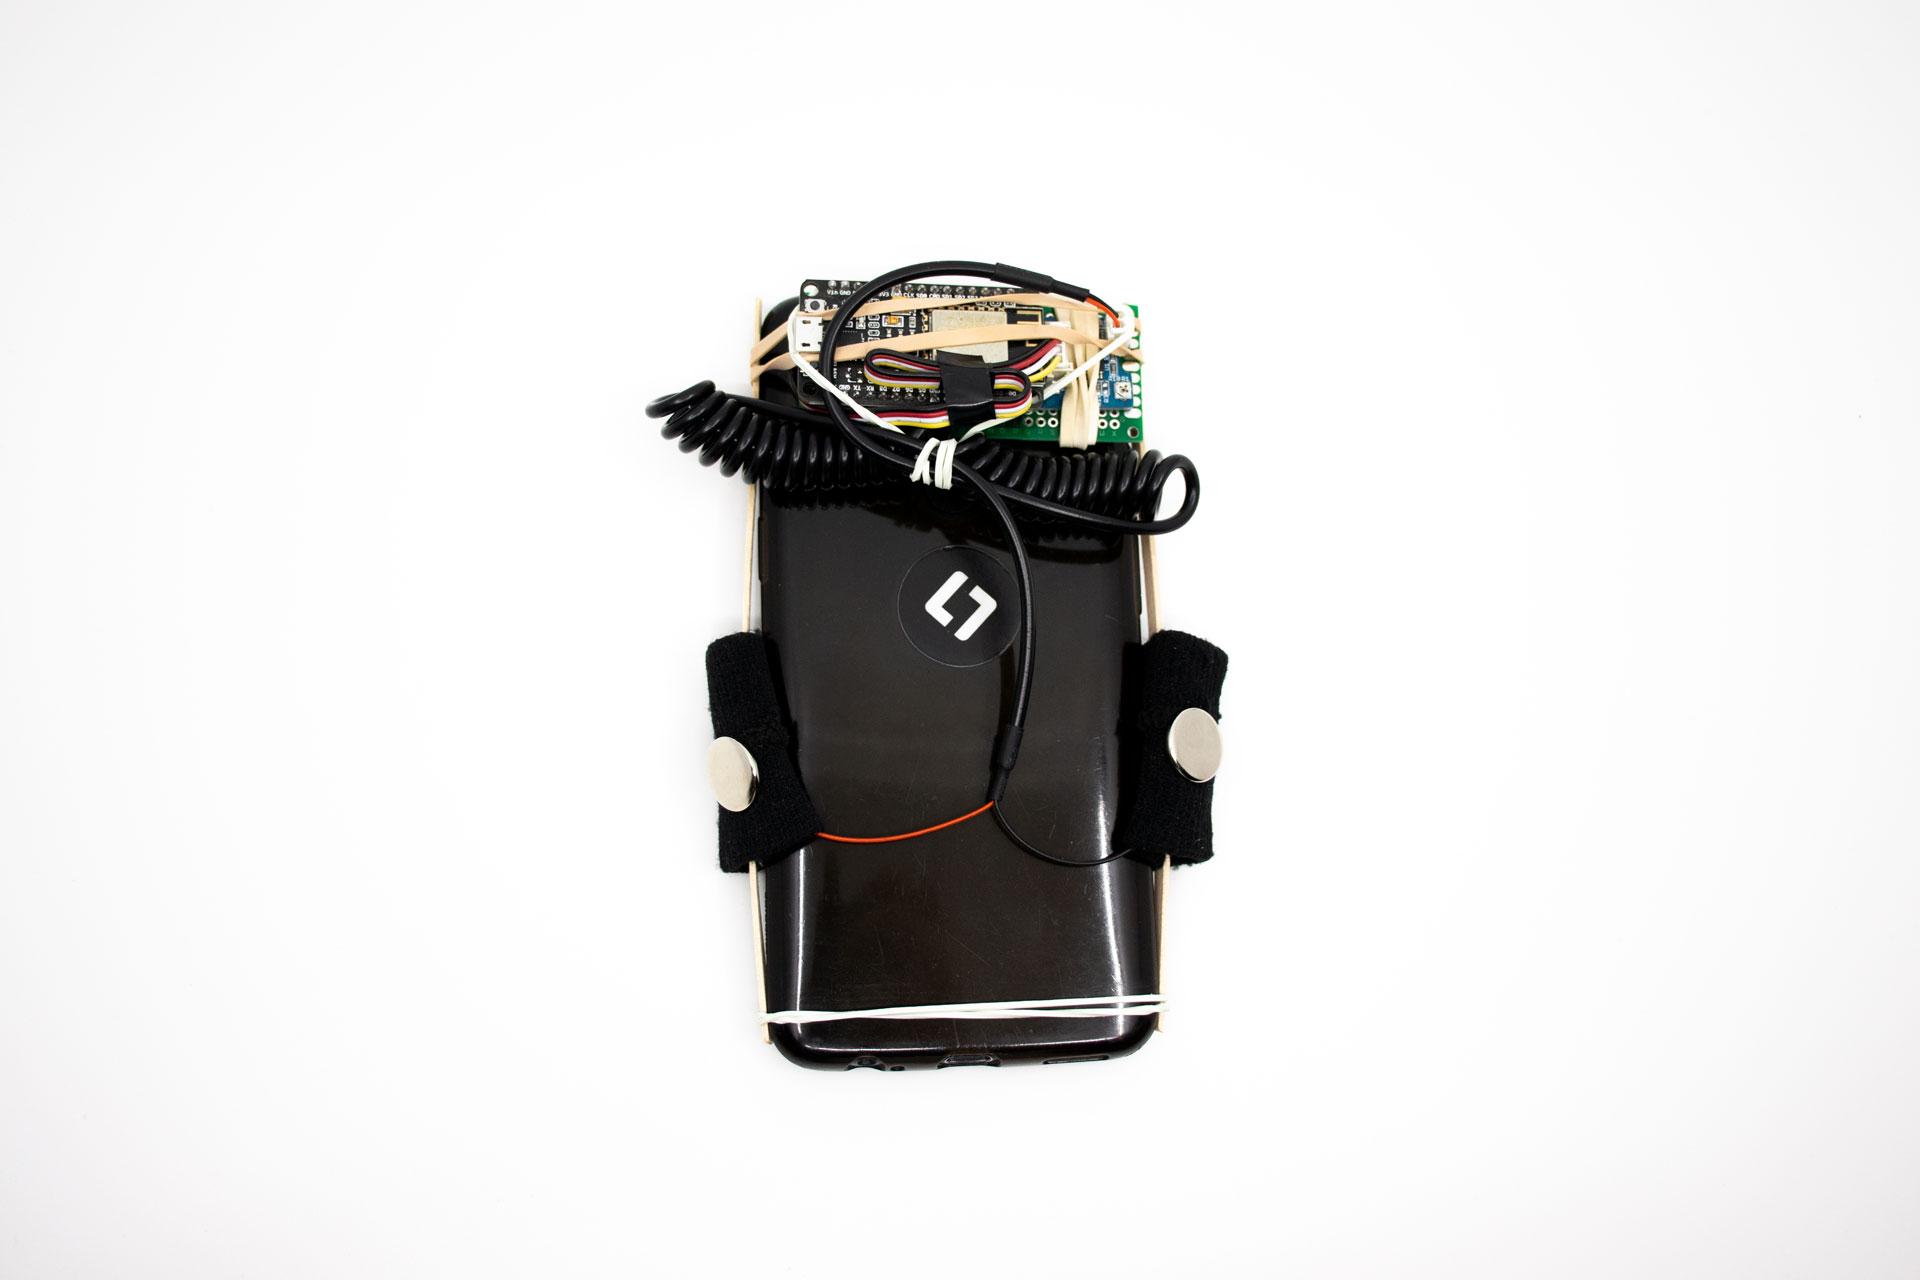 Prototype-on-phone